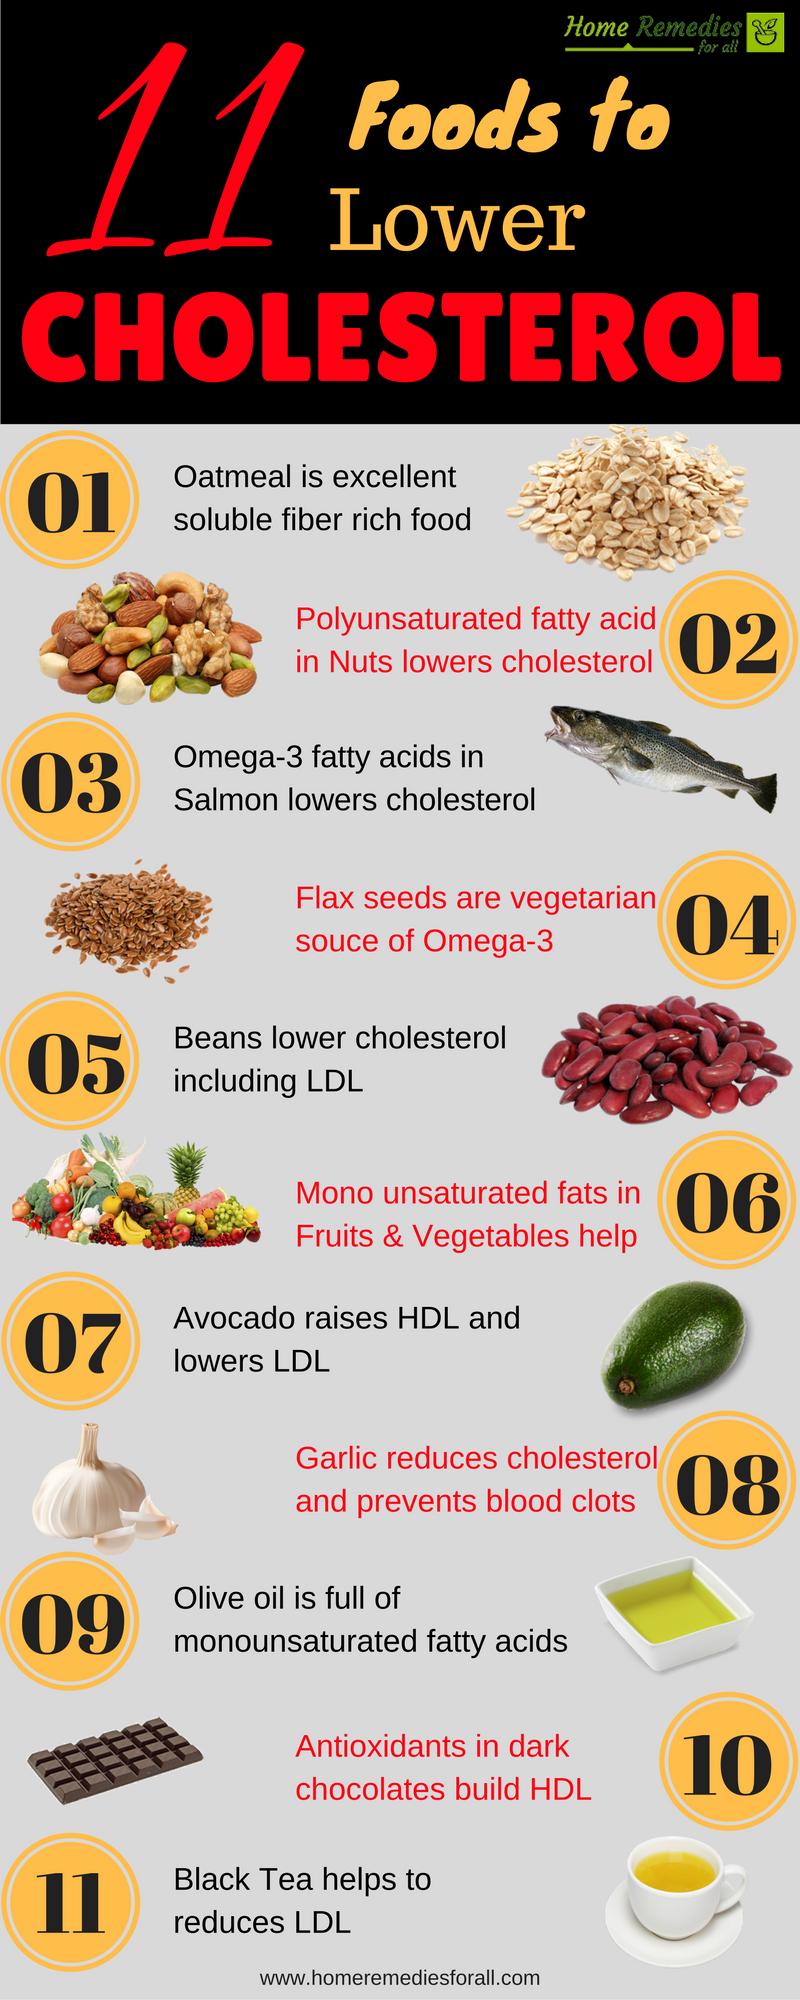 Cholesterol Definition Health Lower cholesterol